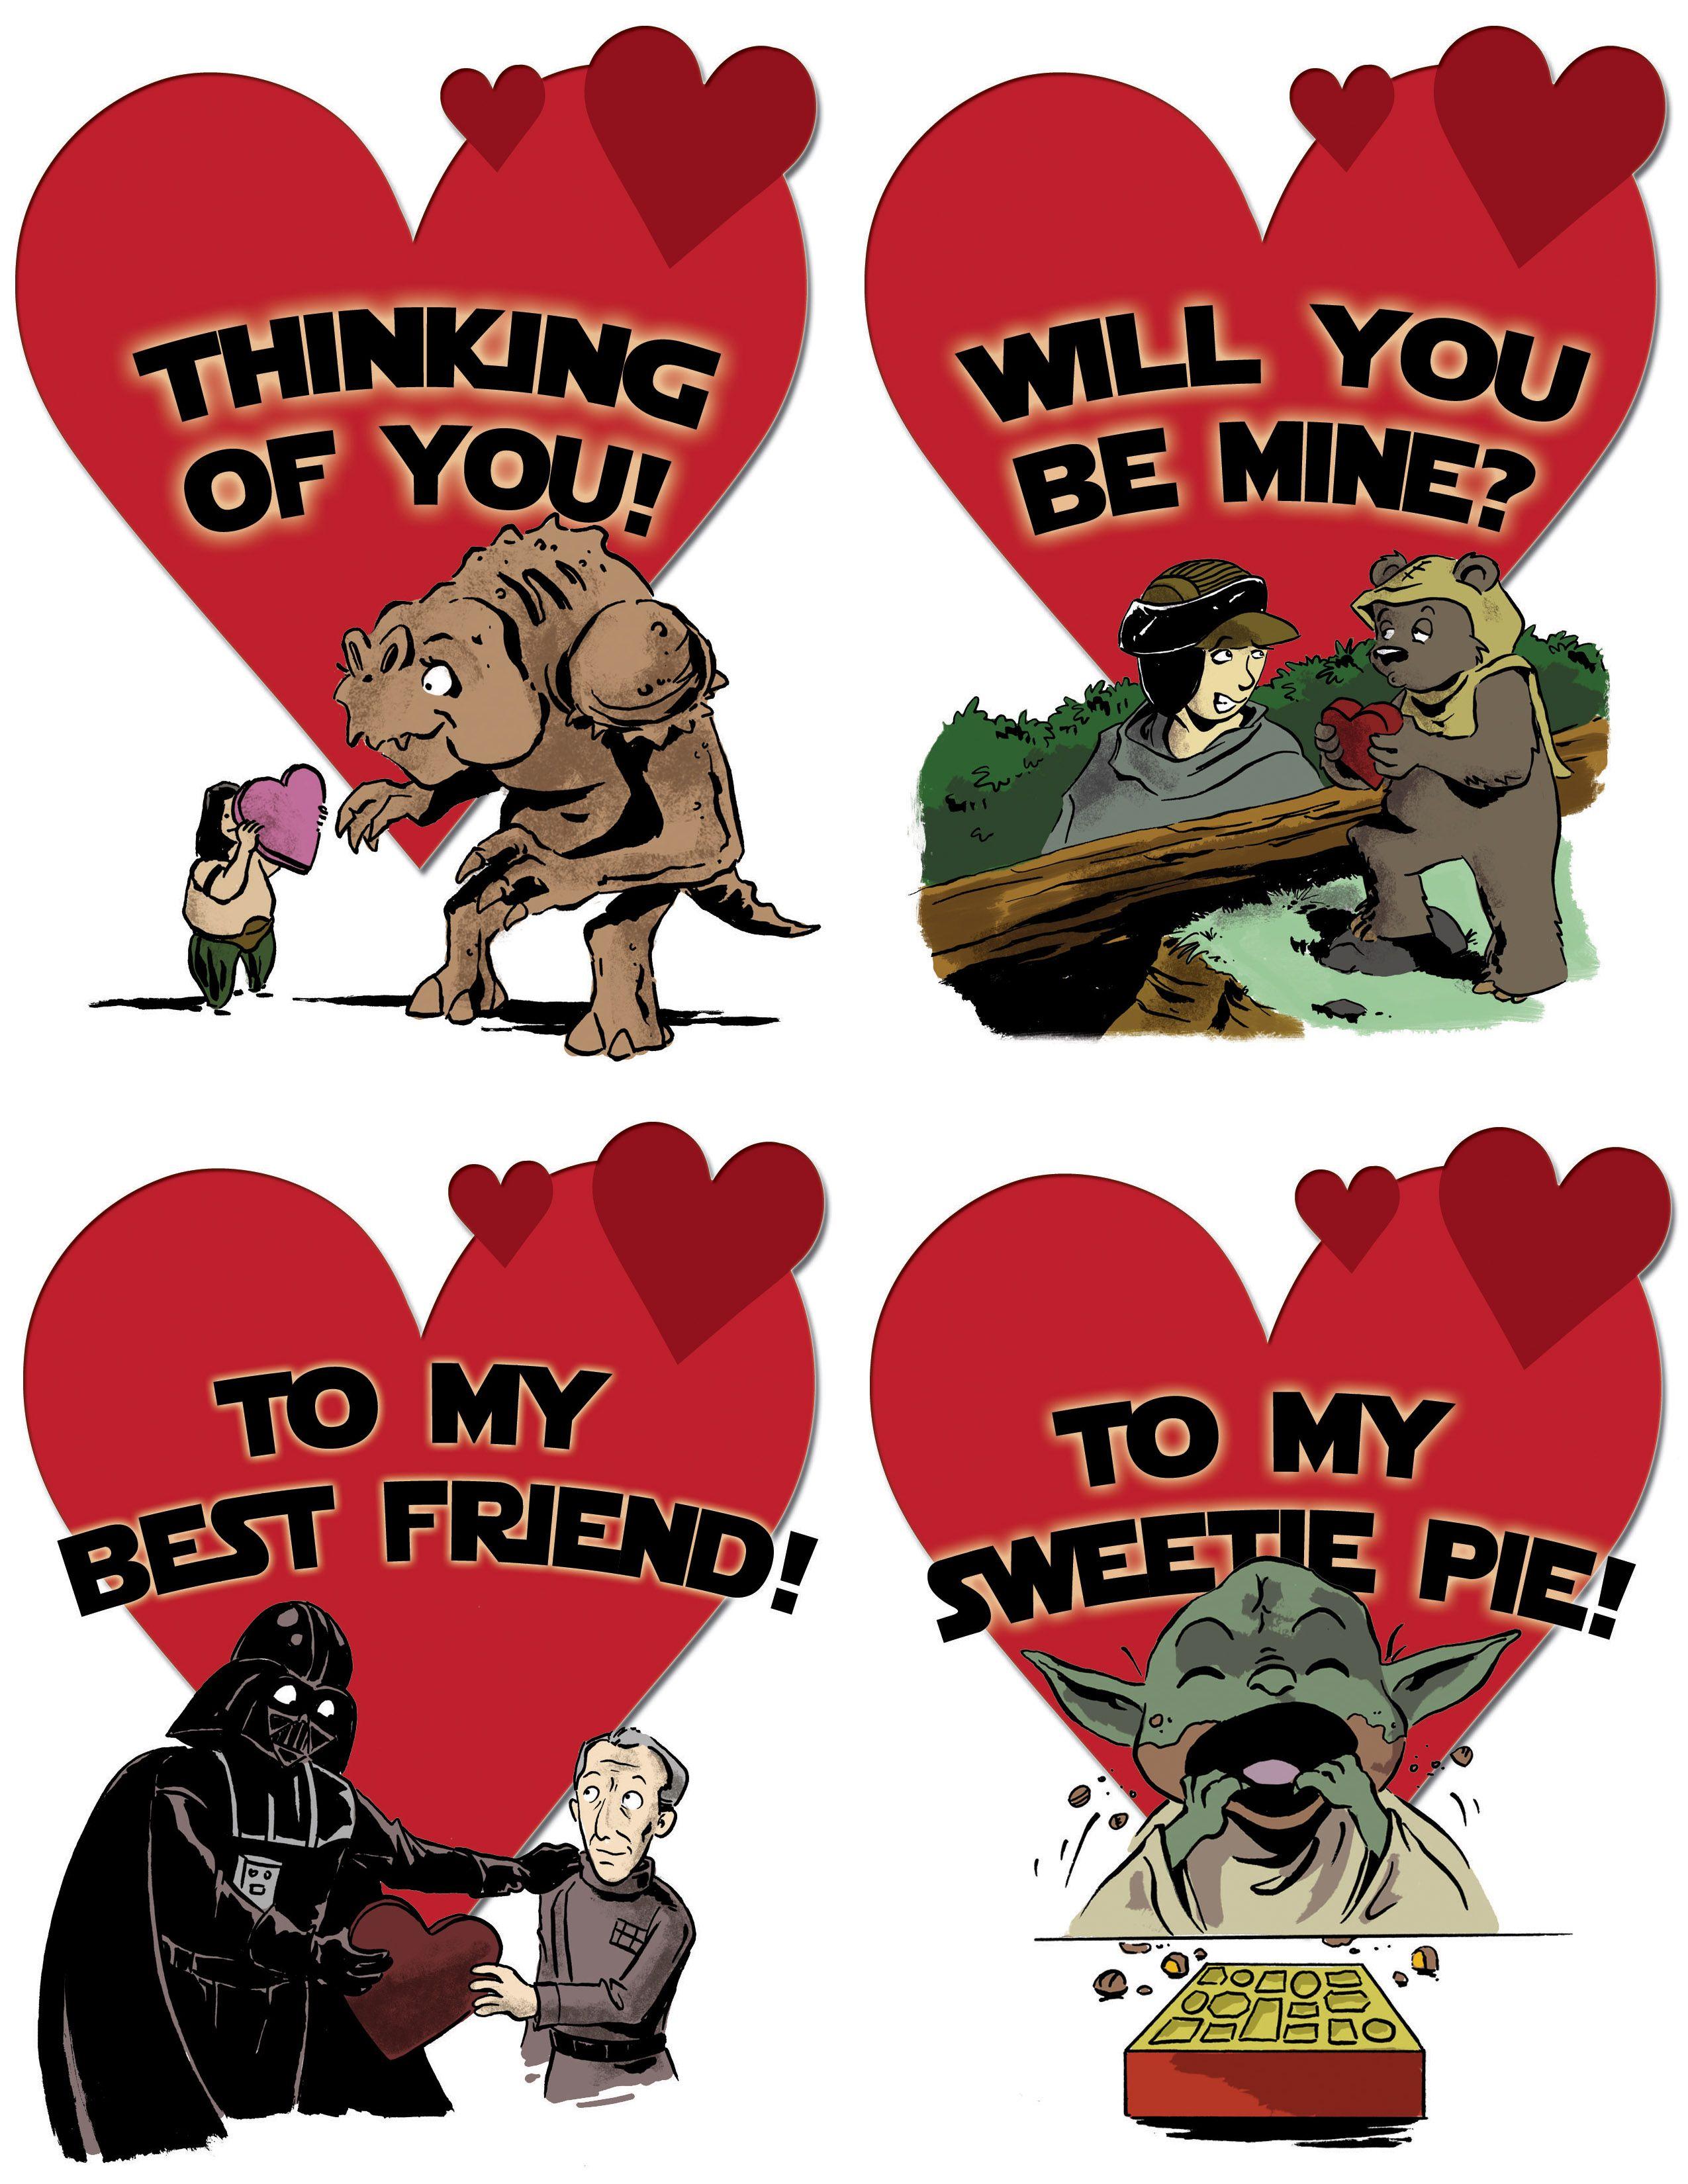 Star Wars Valentine Card Ideas – Send Free Valentine Card